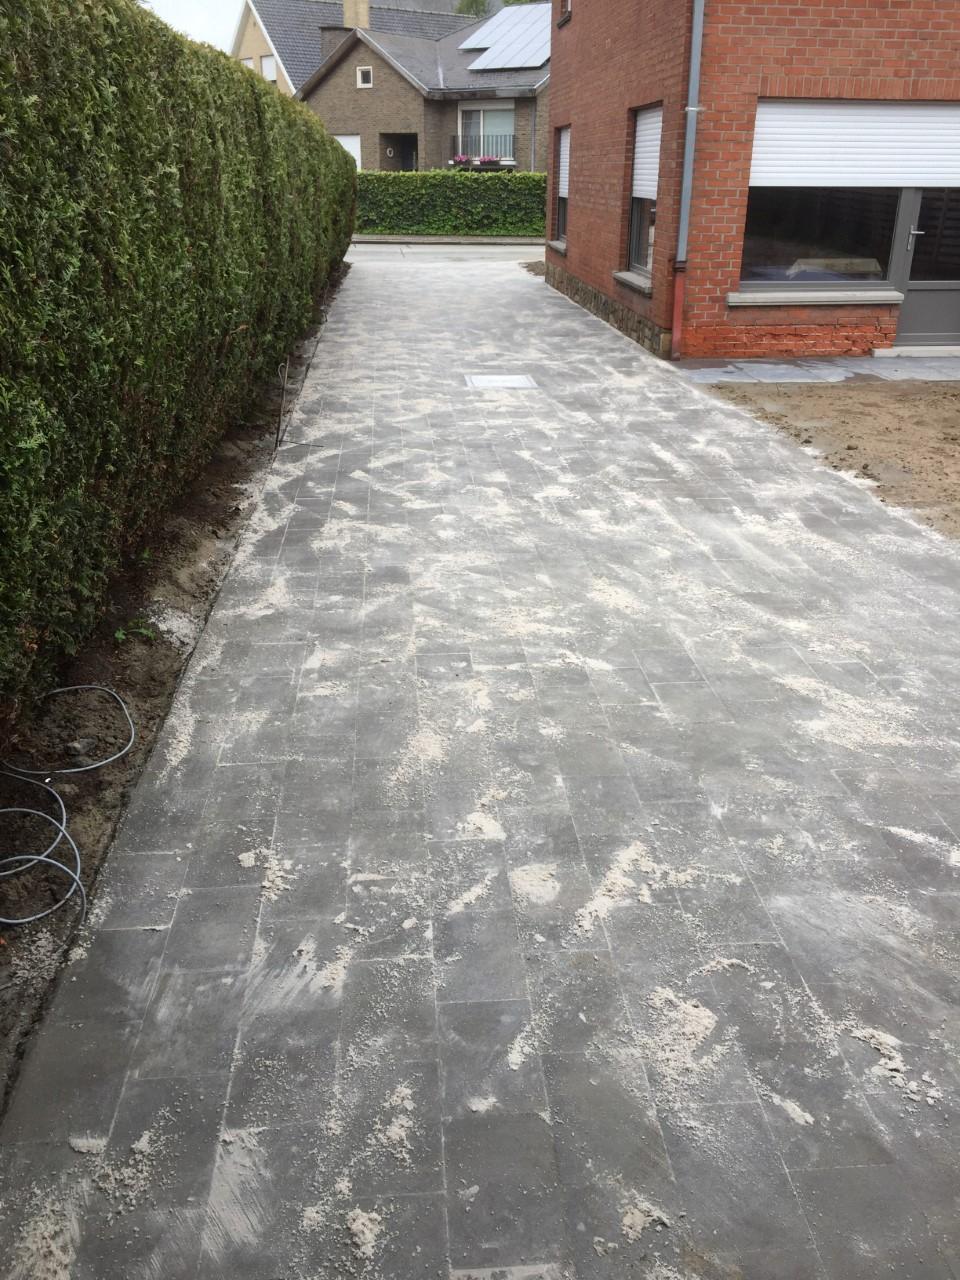 betonklinker oprit